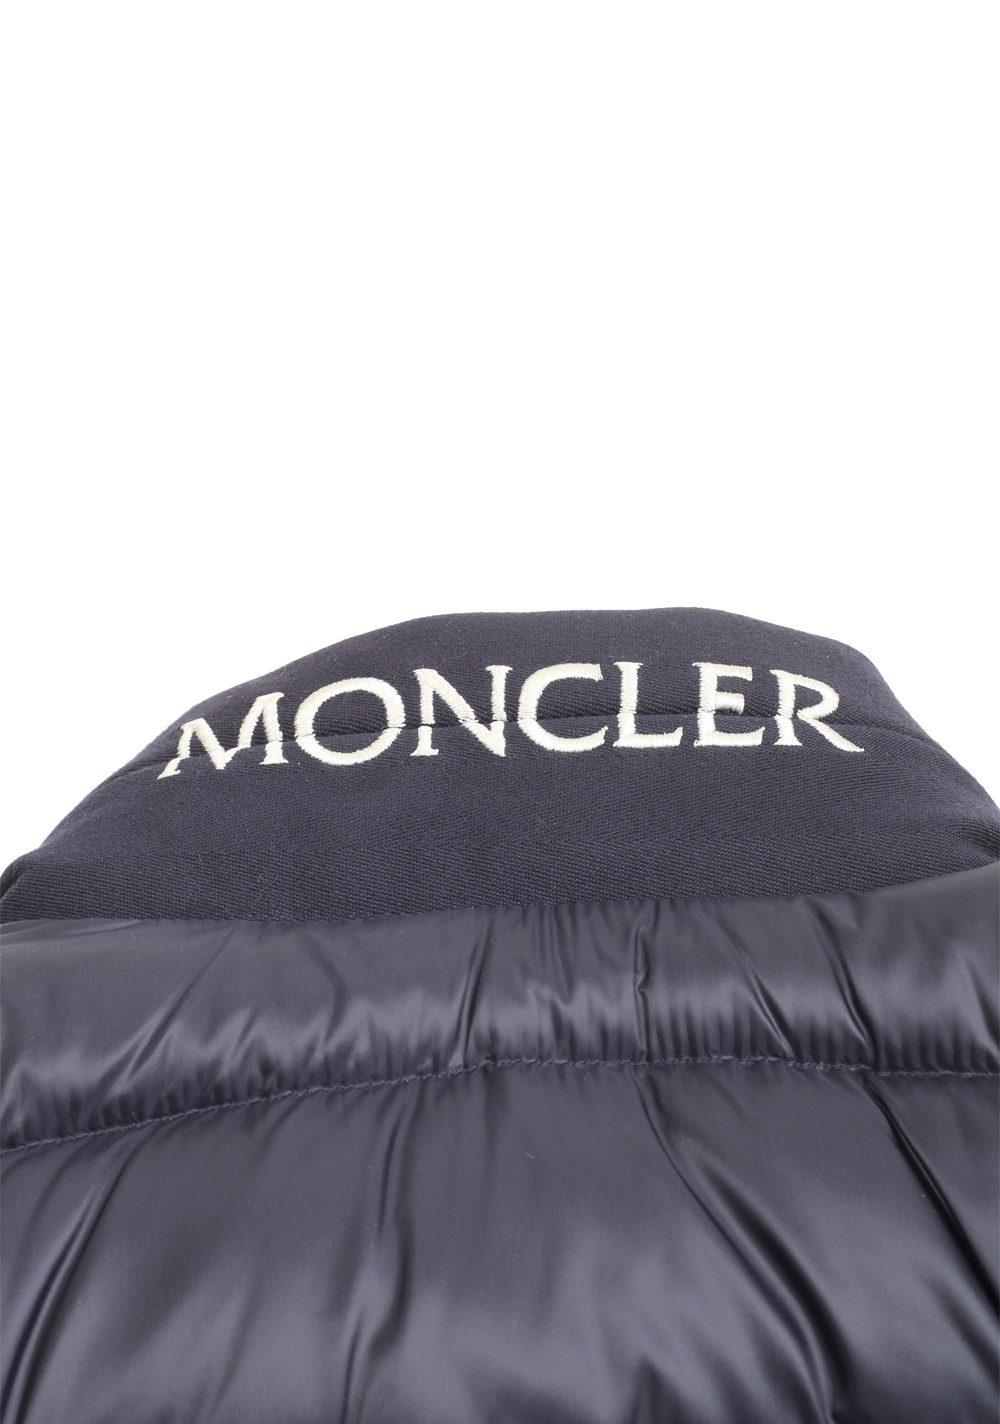 Moncler Blue Rodez Doudoune Jacket Coat Size 1 / S / 46 / 36 U.S. | Costume Limité